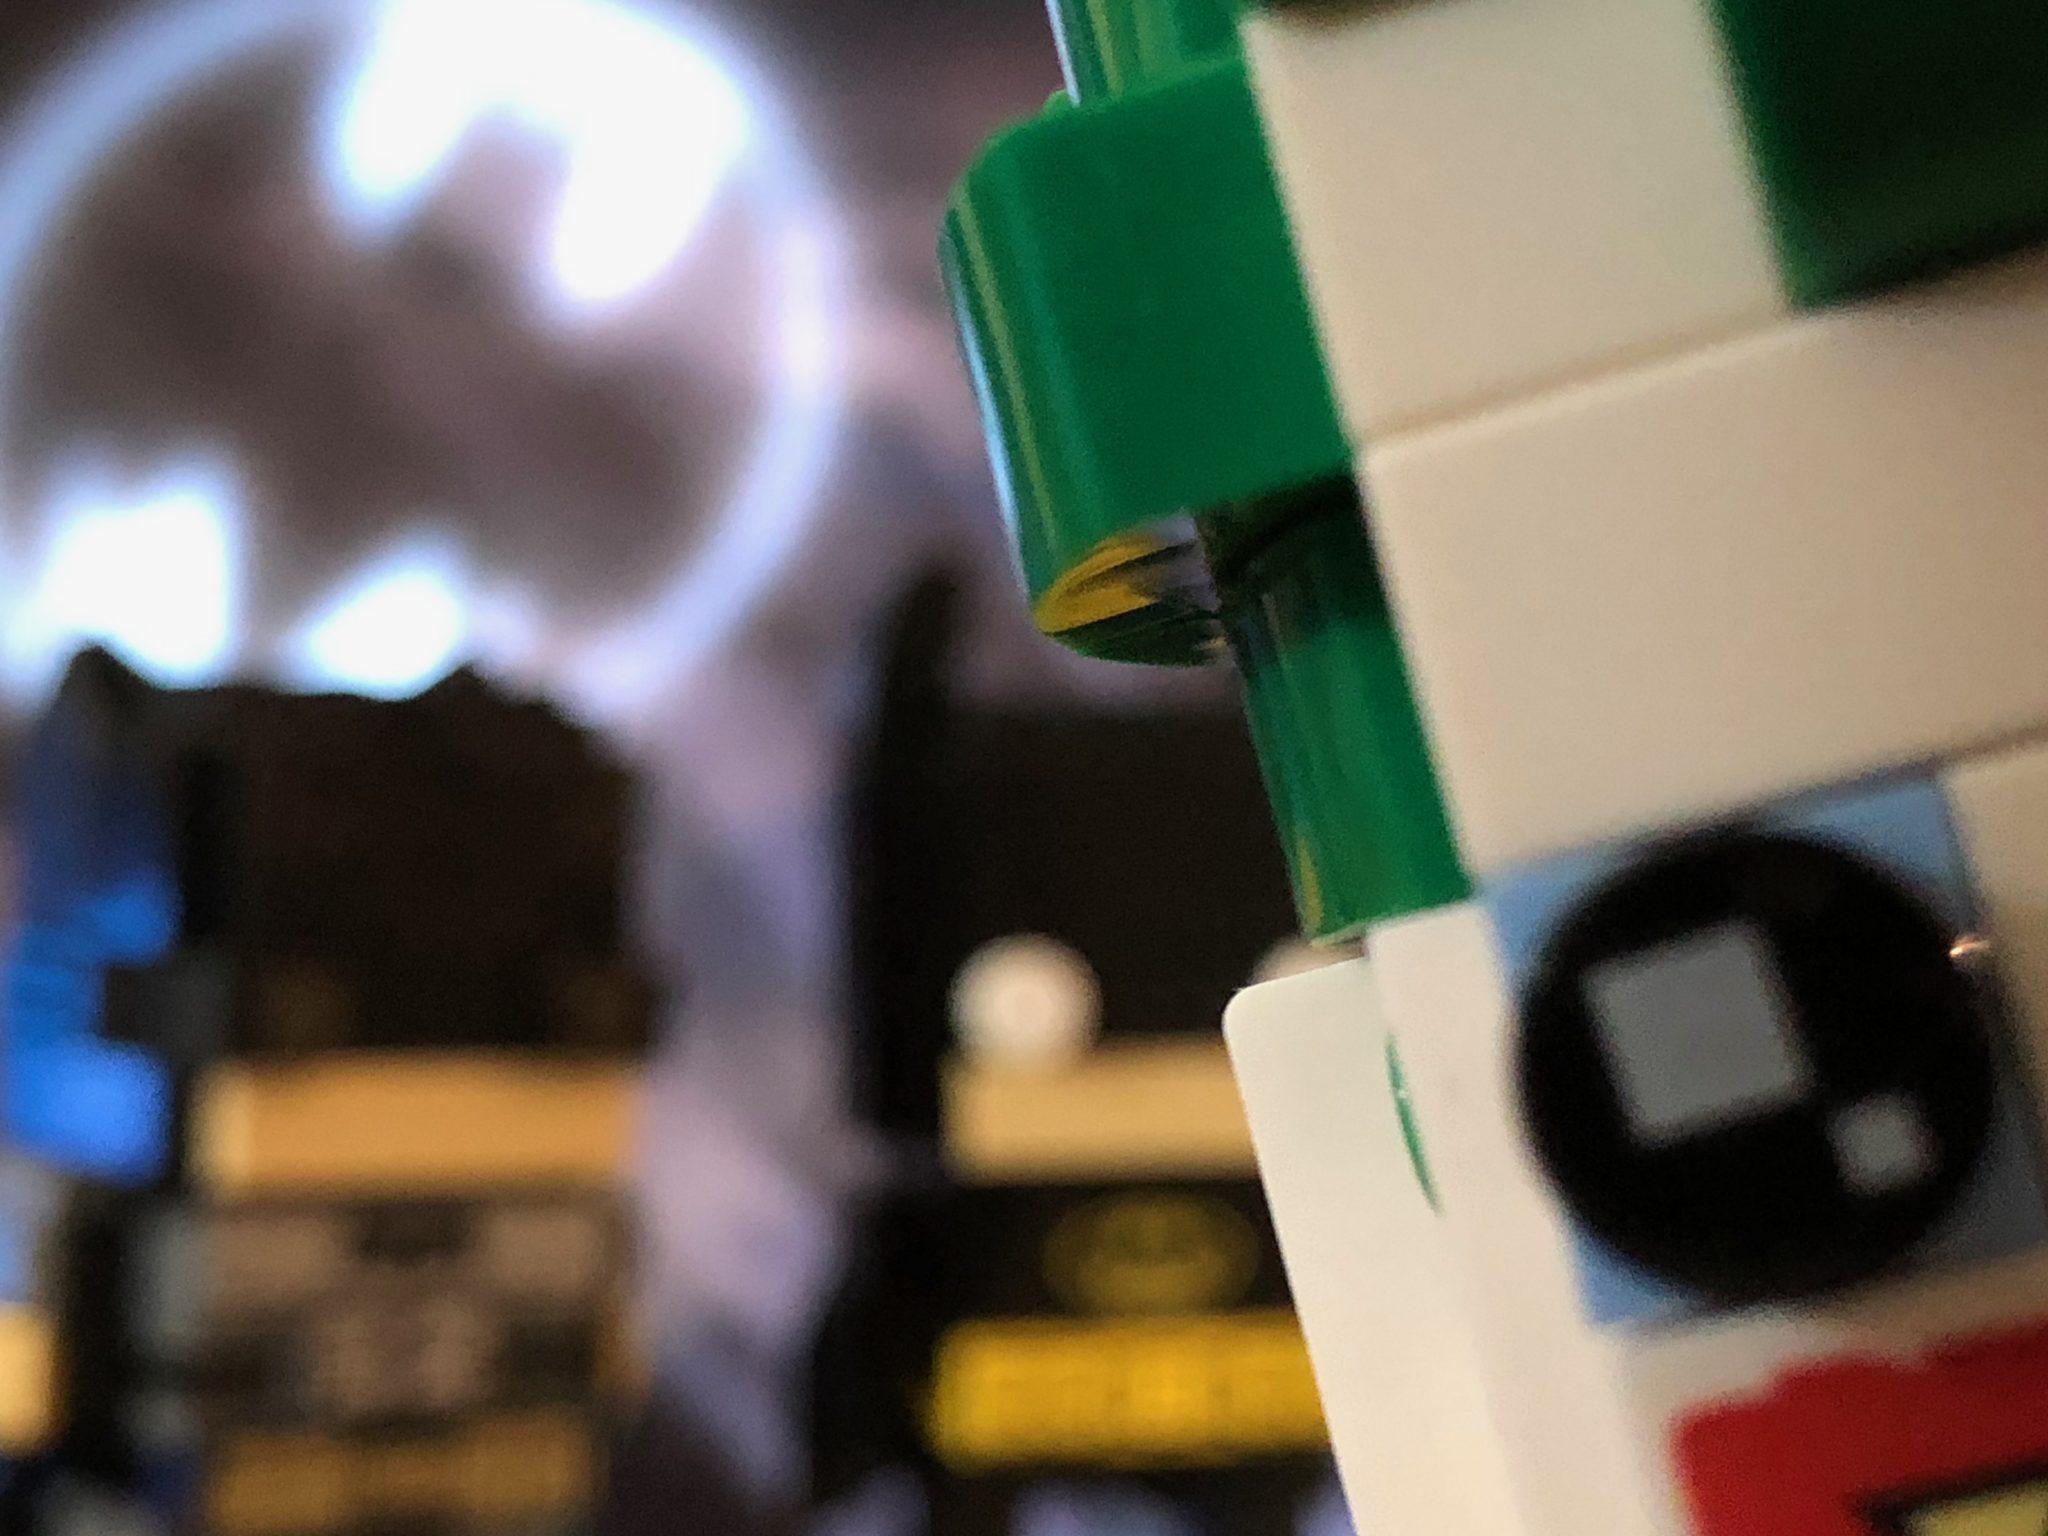 LEGO Brickheadz Theatre: The Last Laugh